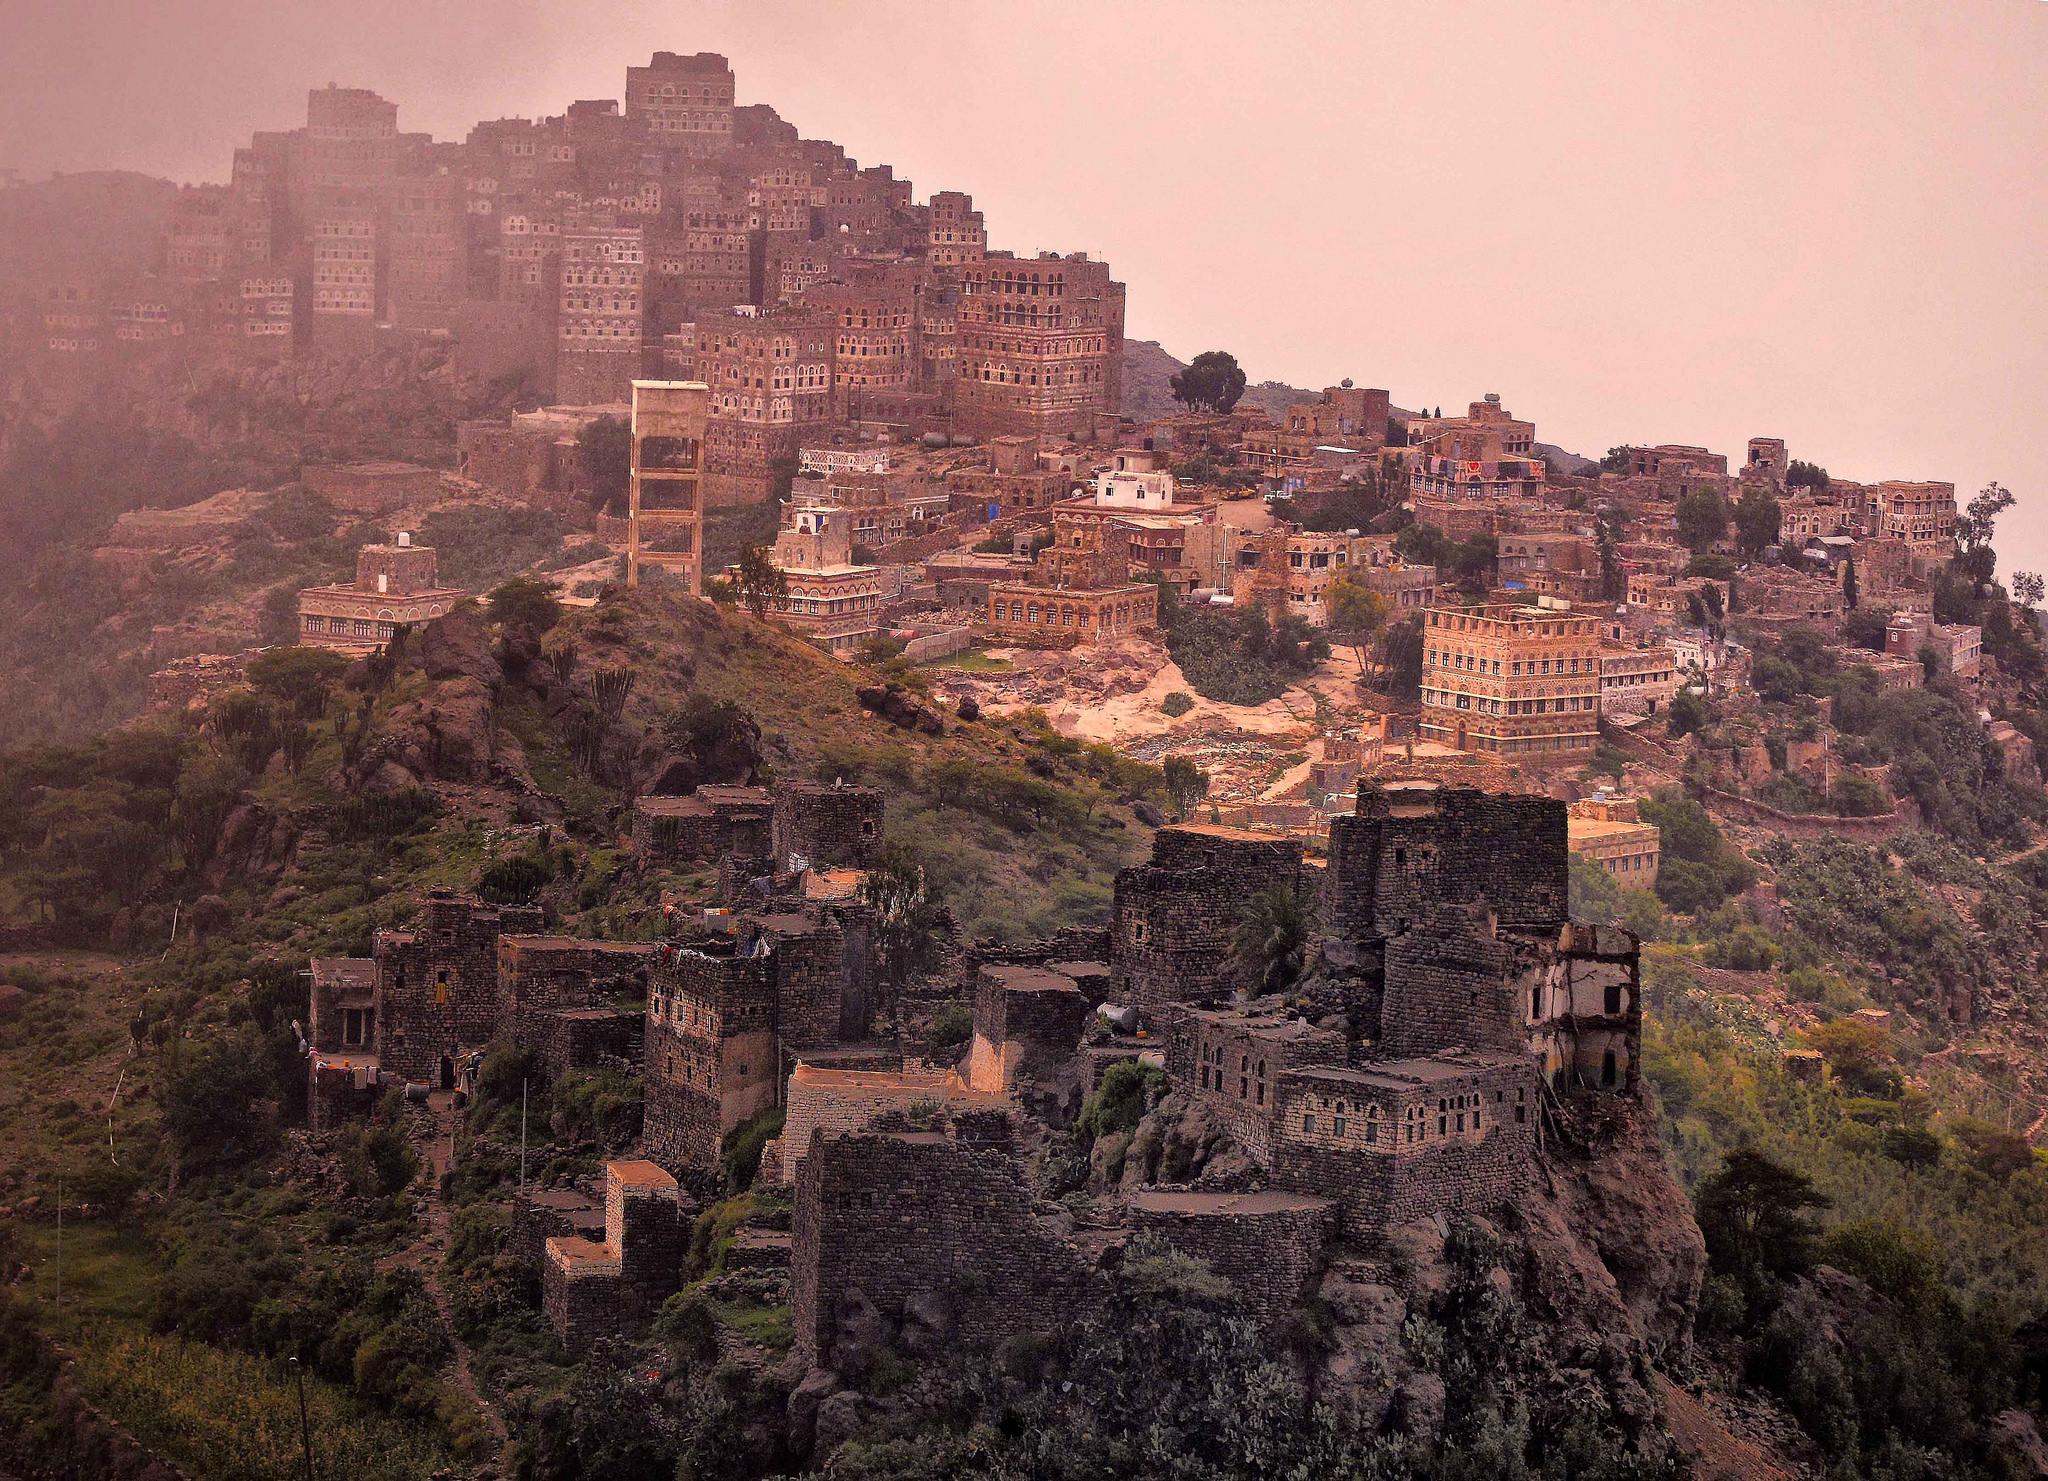 Jahrhunderte alte jemenitische Stadt - immer mehr Orte im Jemen sind vom illegalen Kunstgüterhandel betroffen.